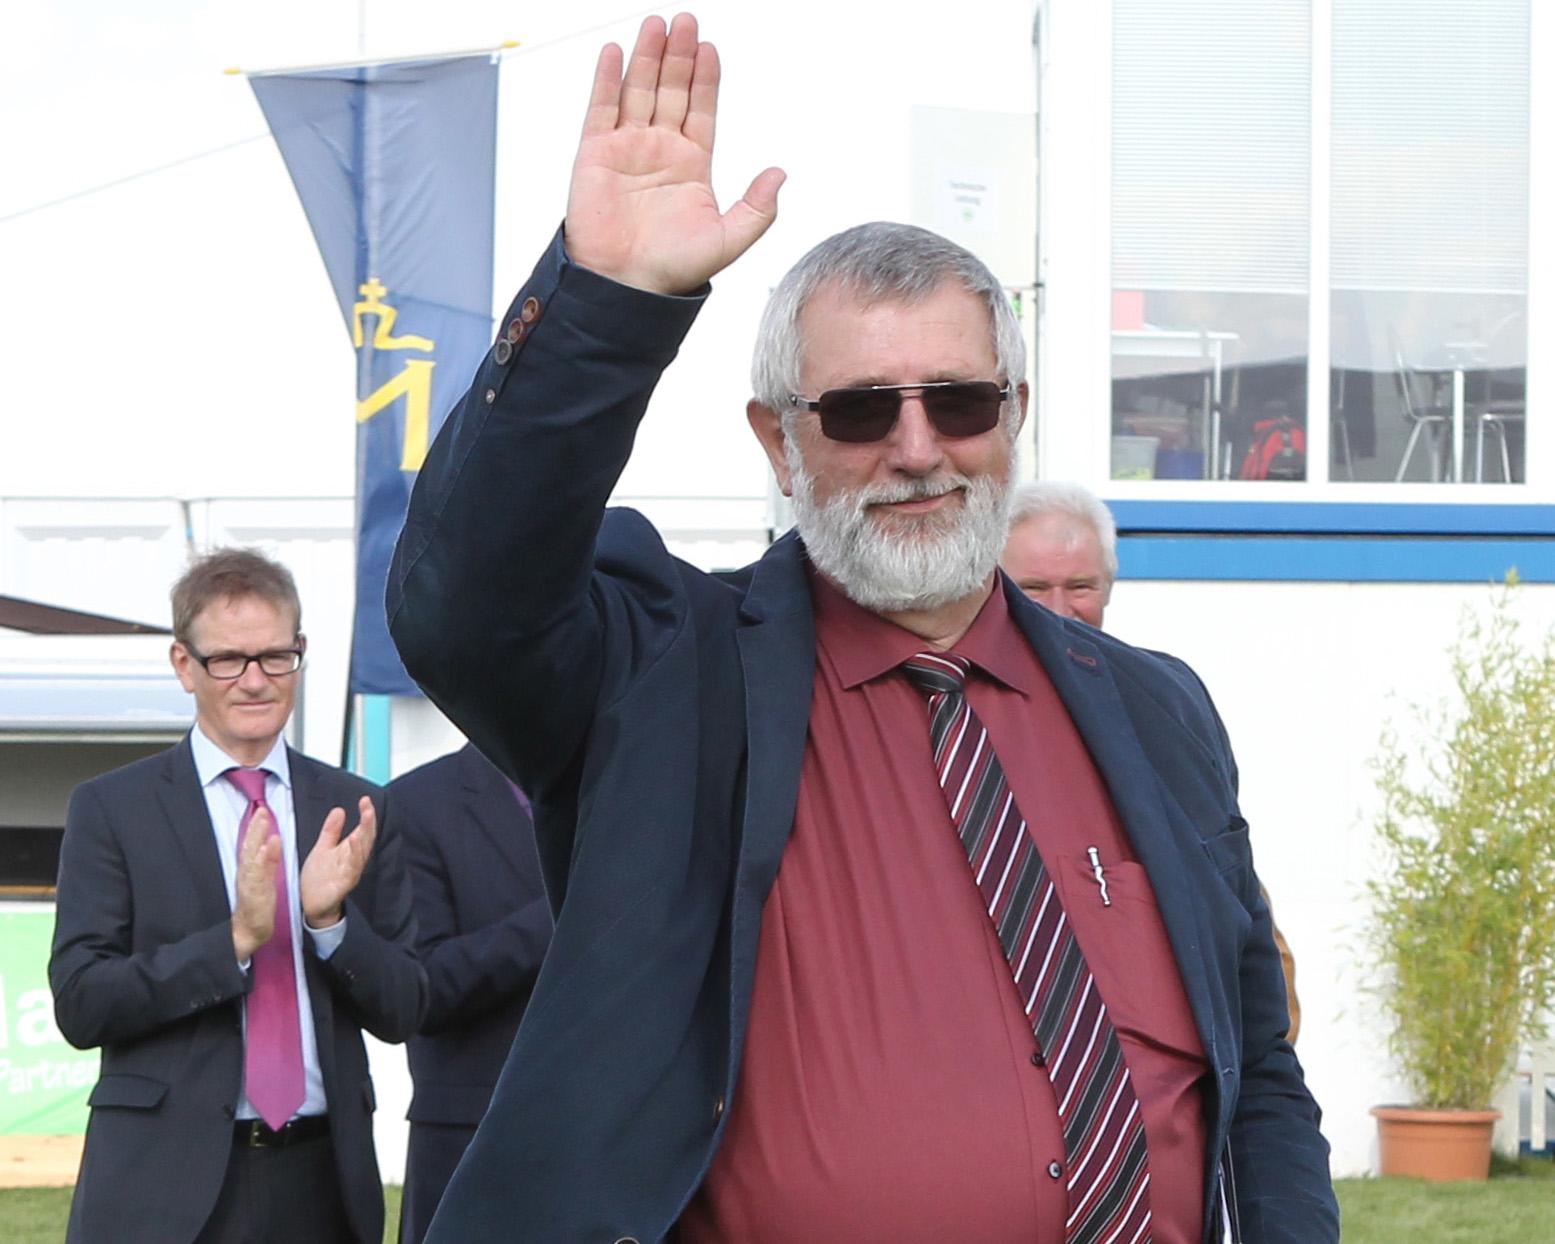 Der Zuchtleiter und Geschäftsführer des Verbandes der Pferdezüchter Mecklenburg-Vorpommern sagt nach 42 Berufsjahren im Dienste der Pferdezucht Tschüß. Foto: Jutta Wego